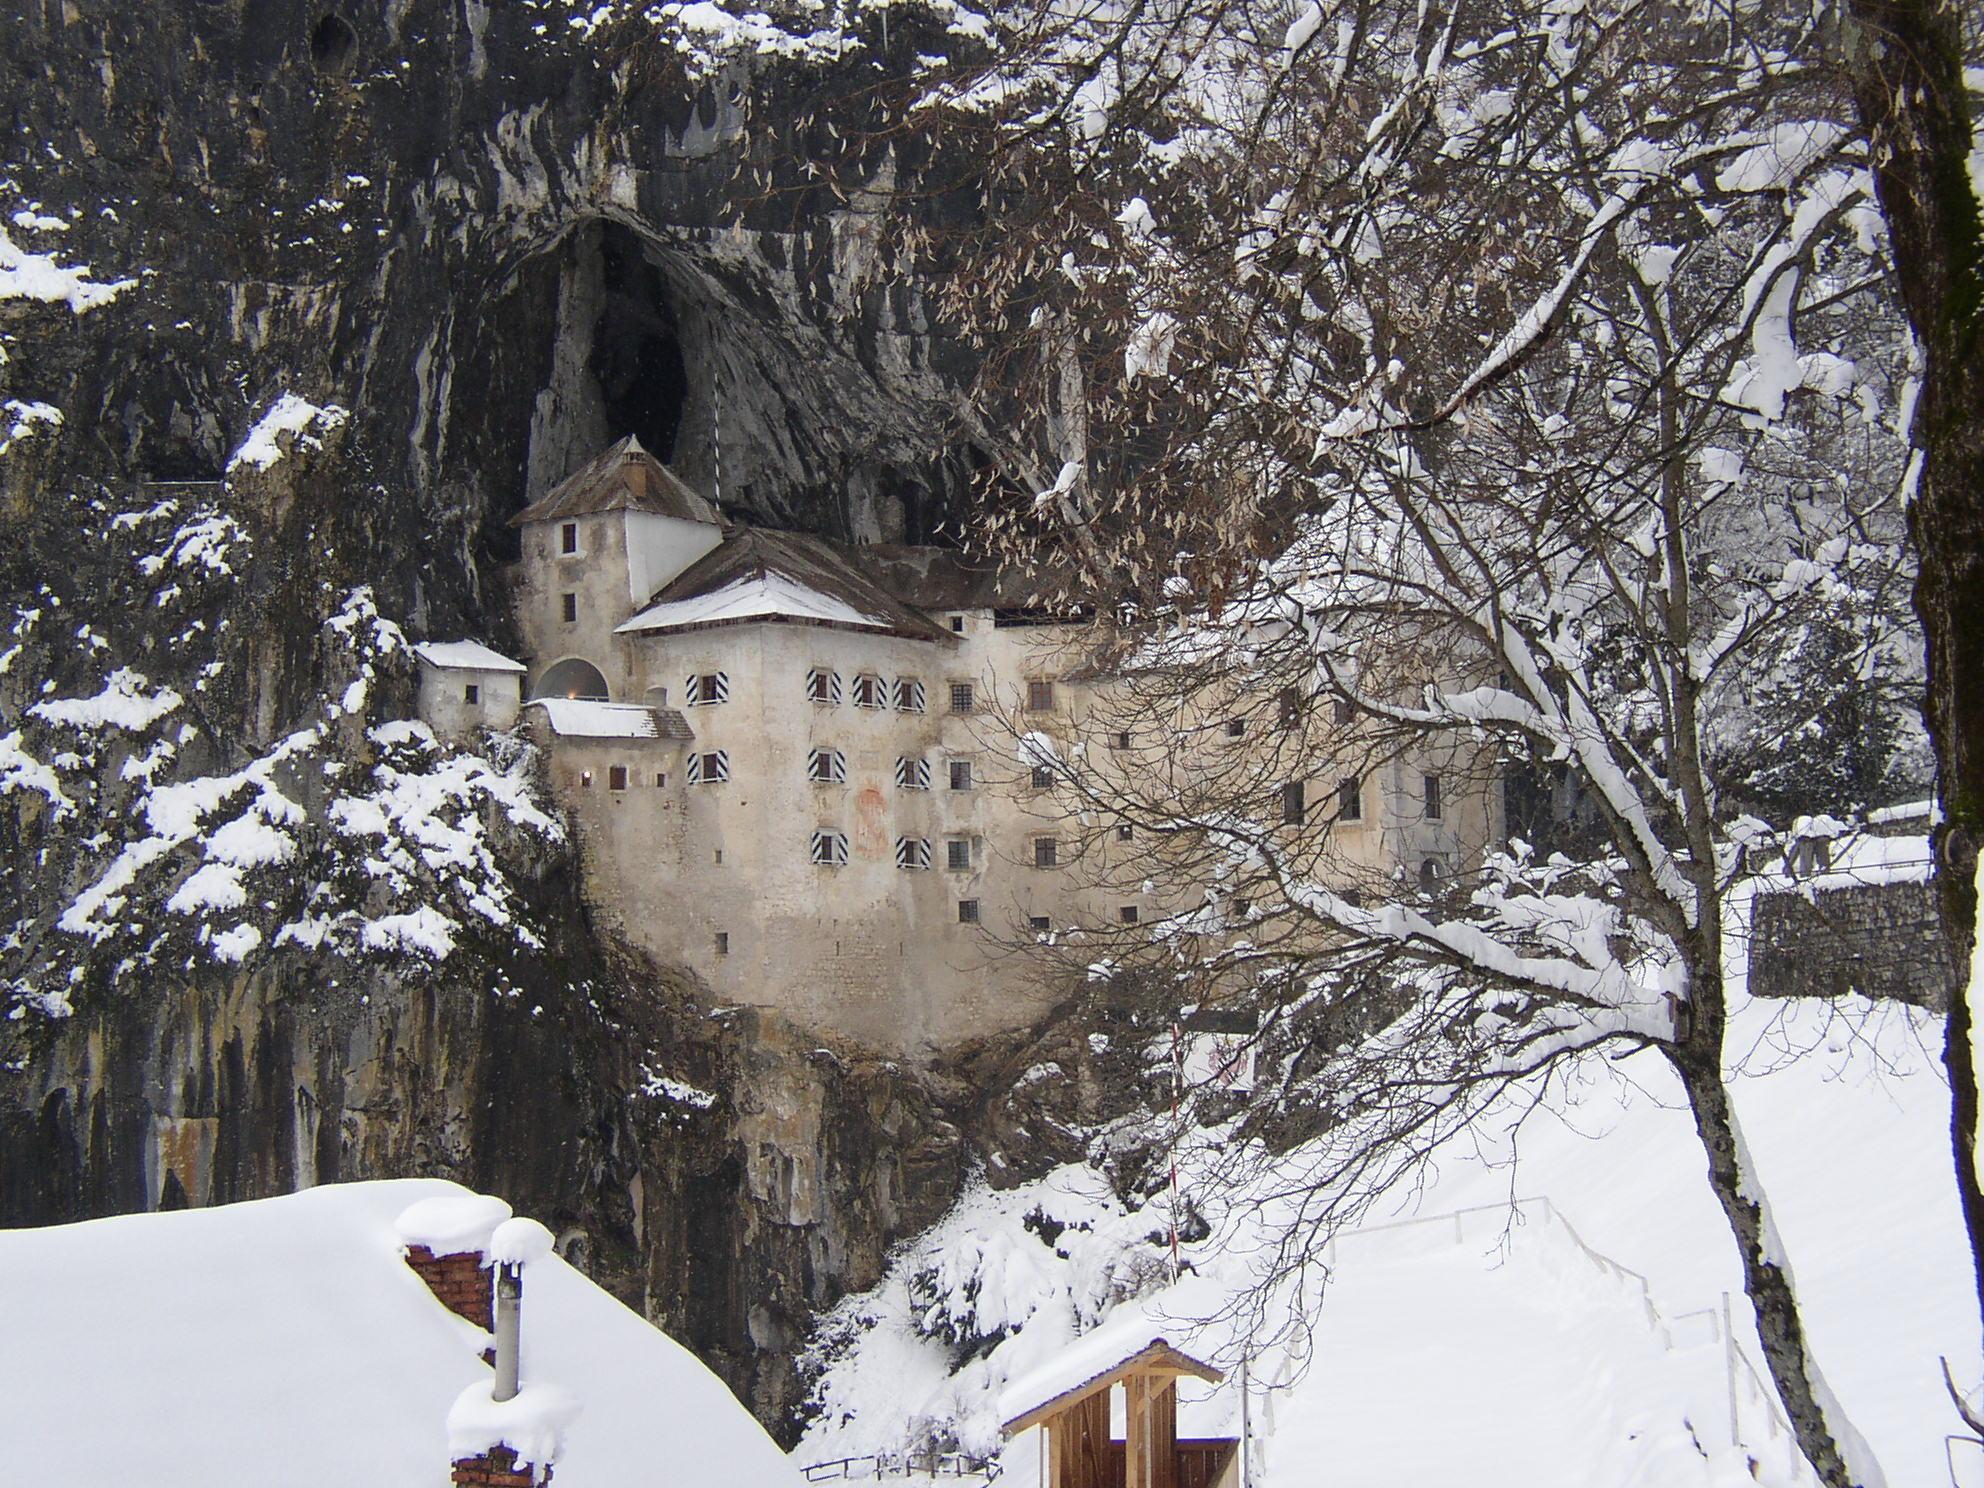 Iarna, castelul din piatră se integrează perfect în peisajul natural